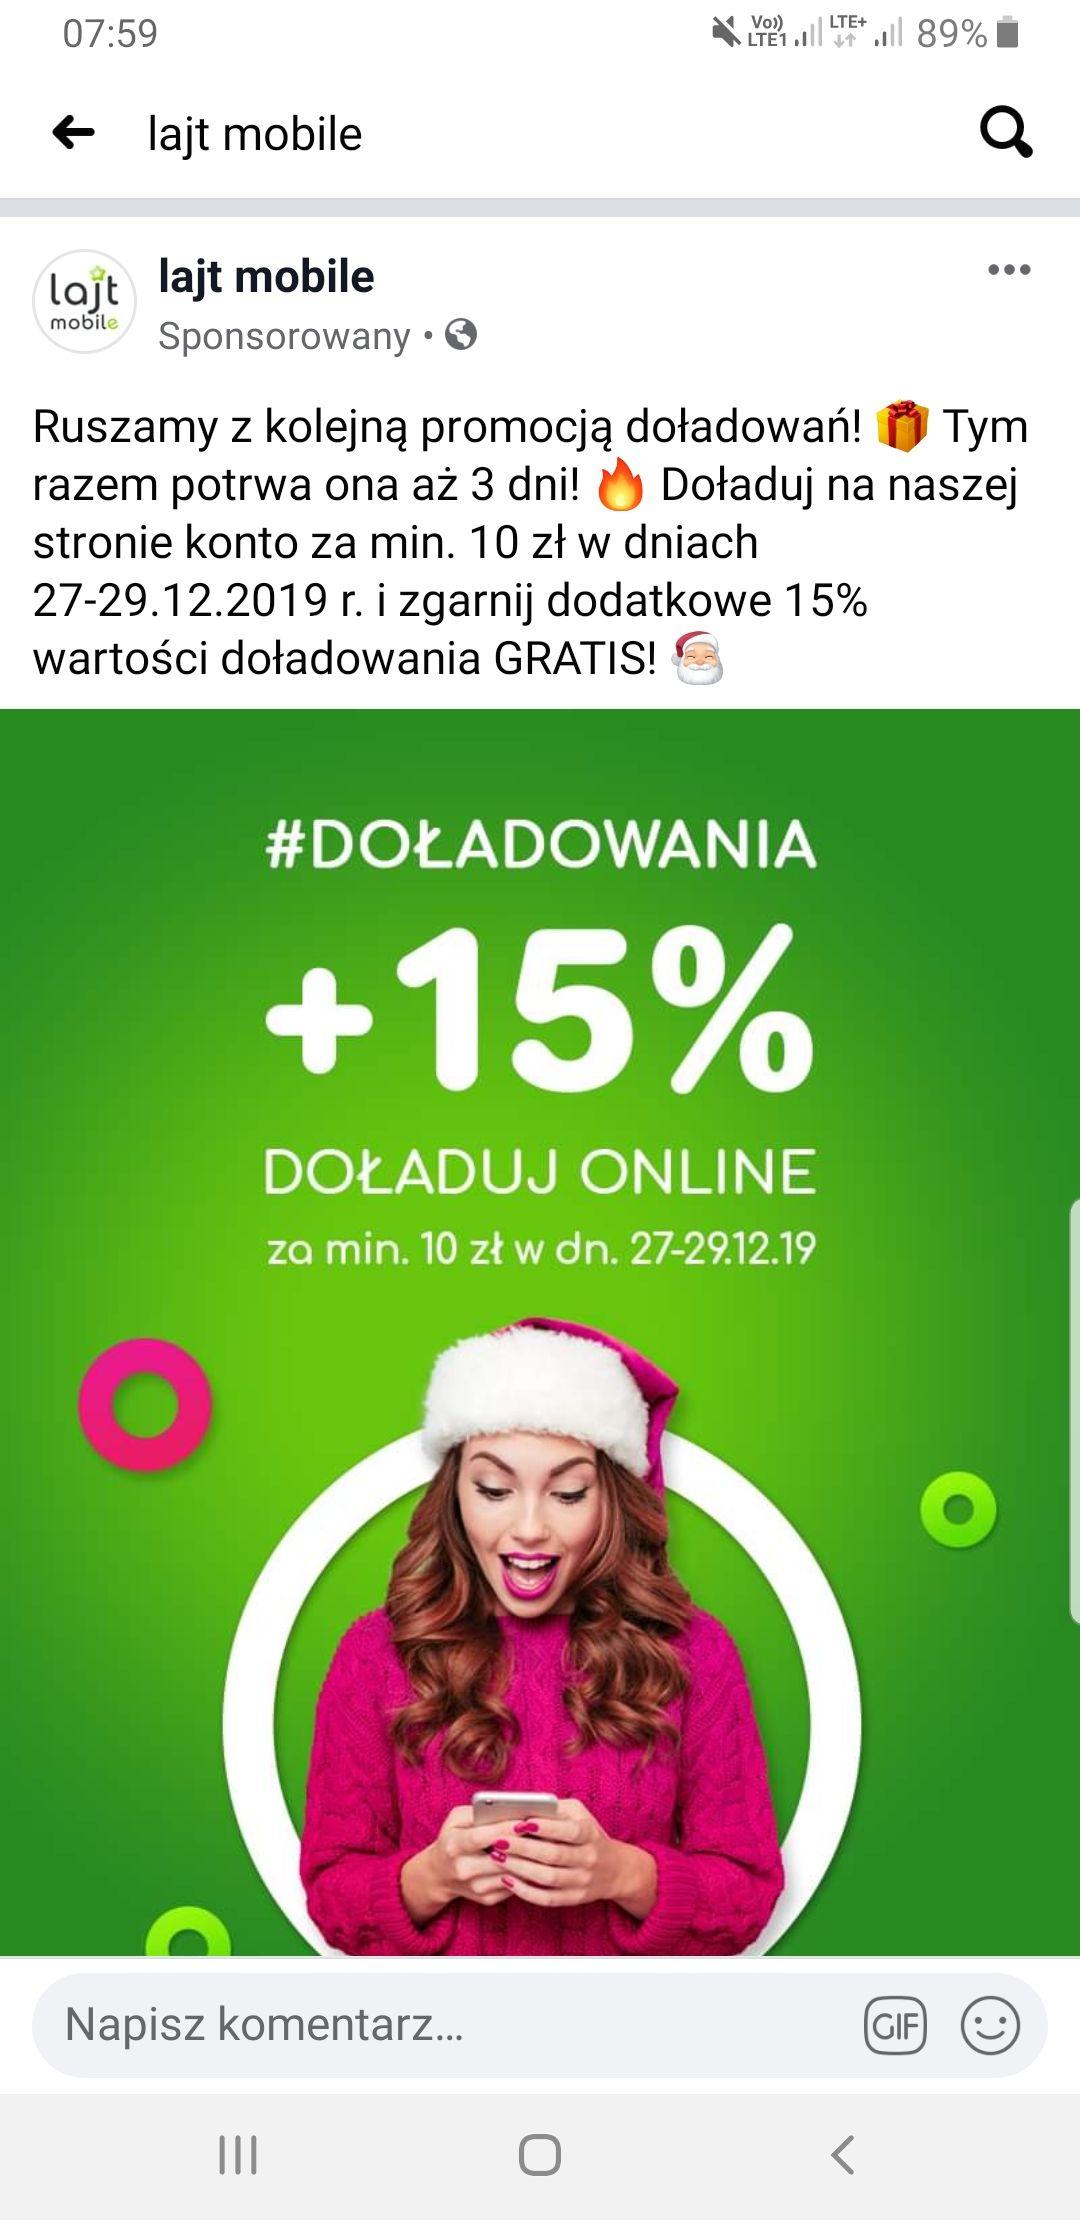 15% więcej za doładowanie w Lajt mobile